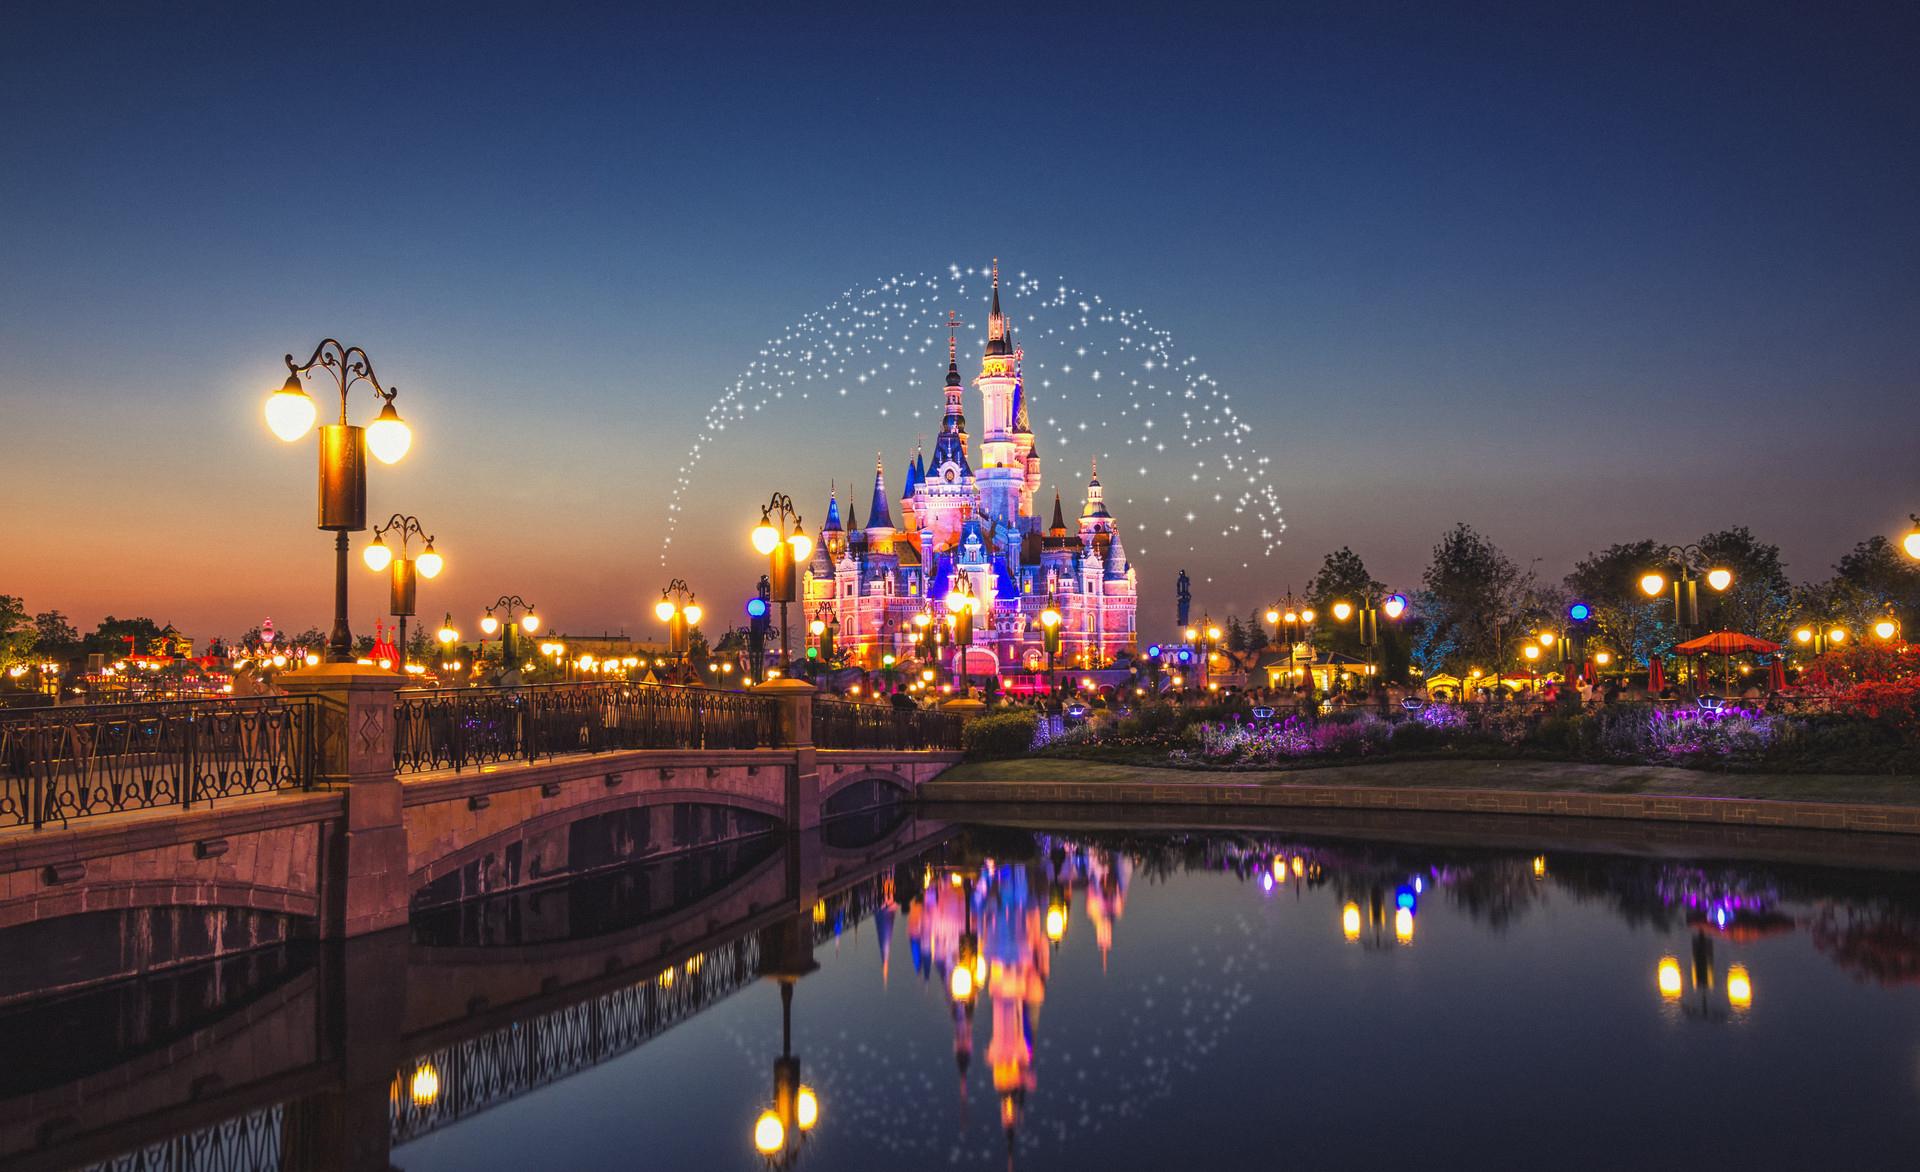 福克斯打包出售、漫威英雄集结 迪士尼靠买买买打下的娱乐王国再下一城